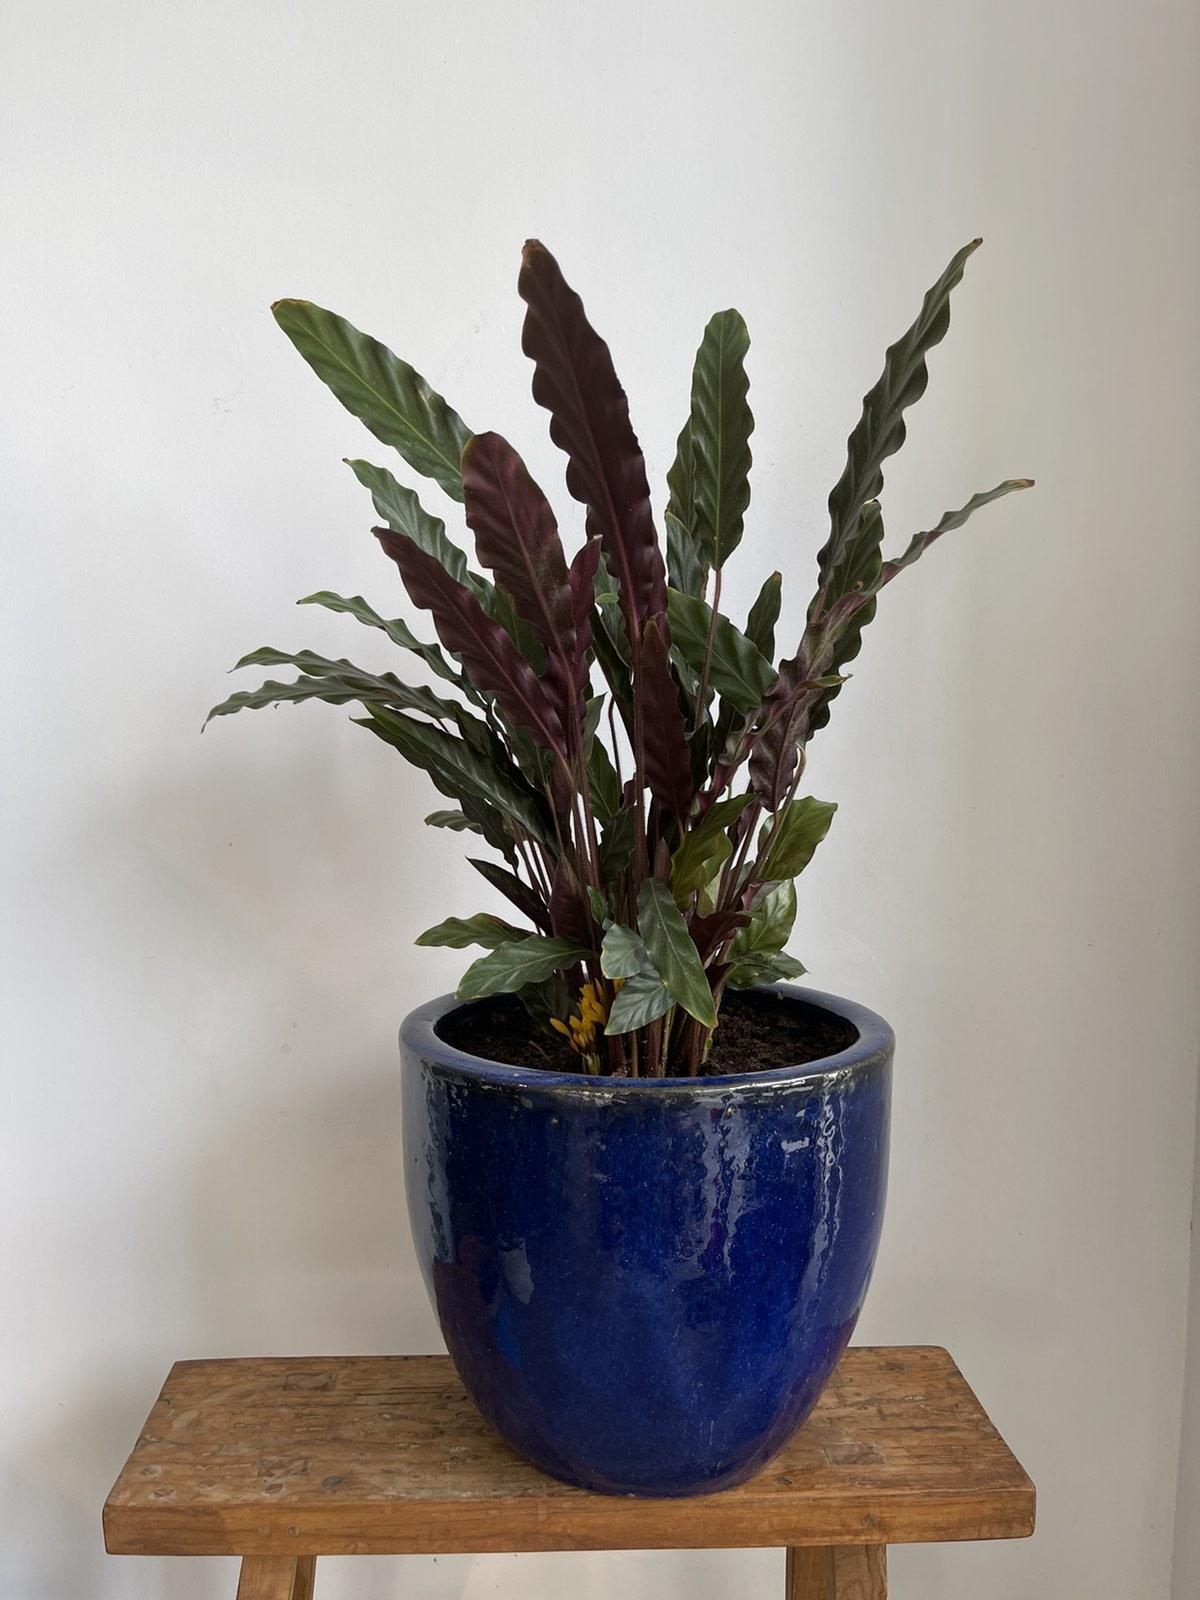 Calathea in blue ceramic pot